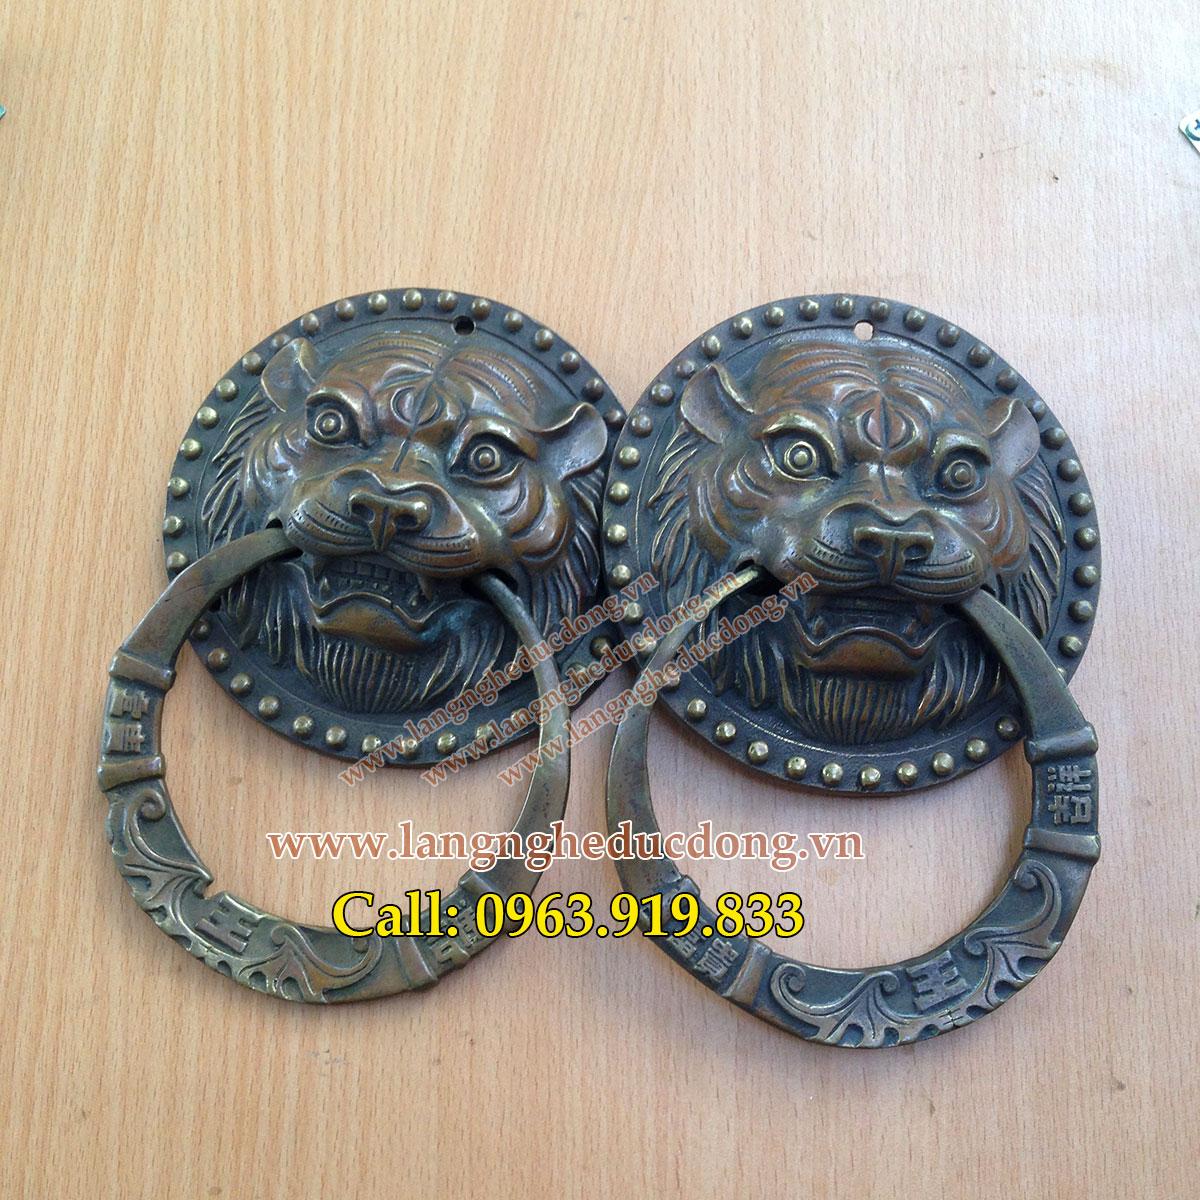 langngheducdong.vn - Mặt hổ phù gắn cửa